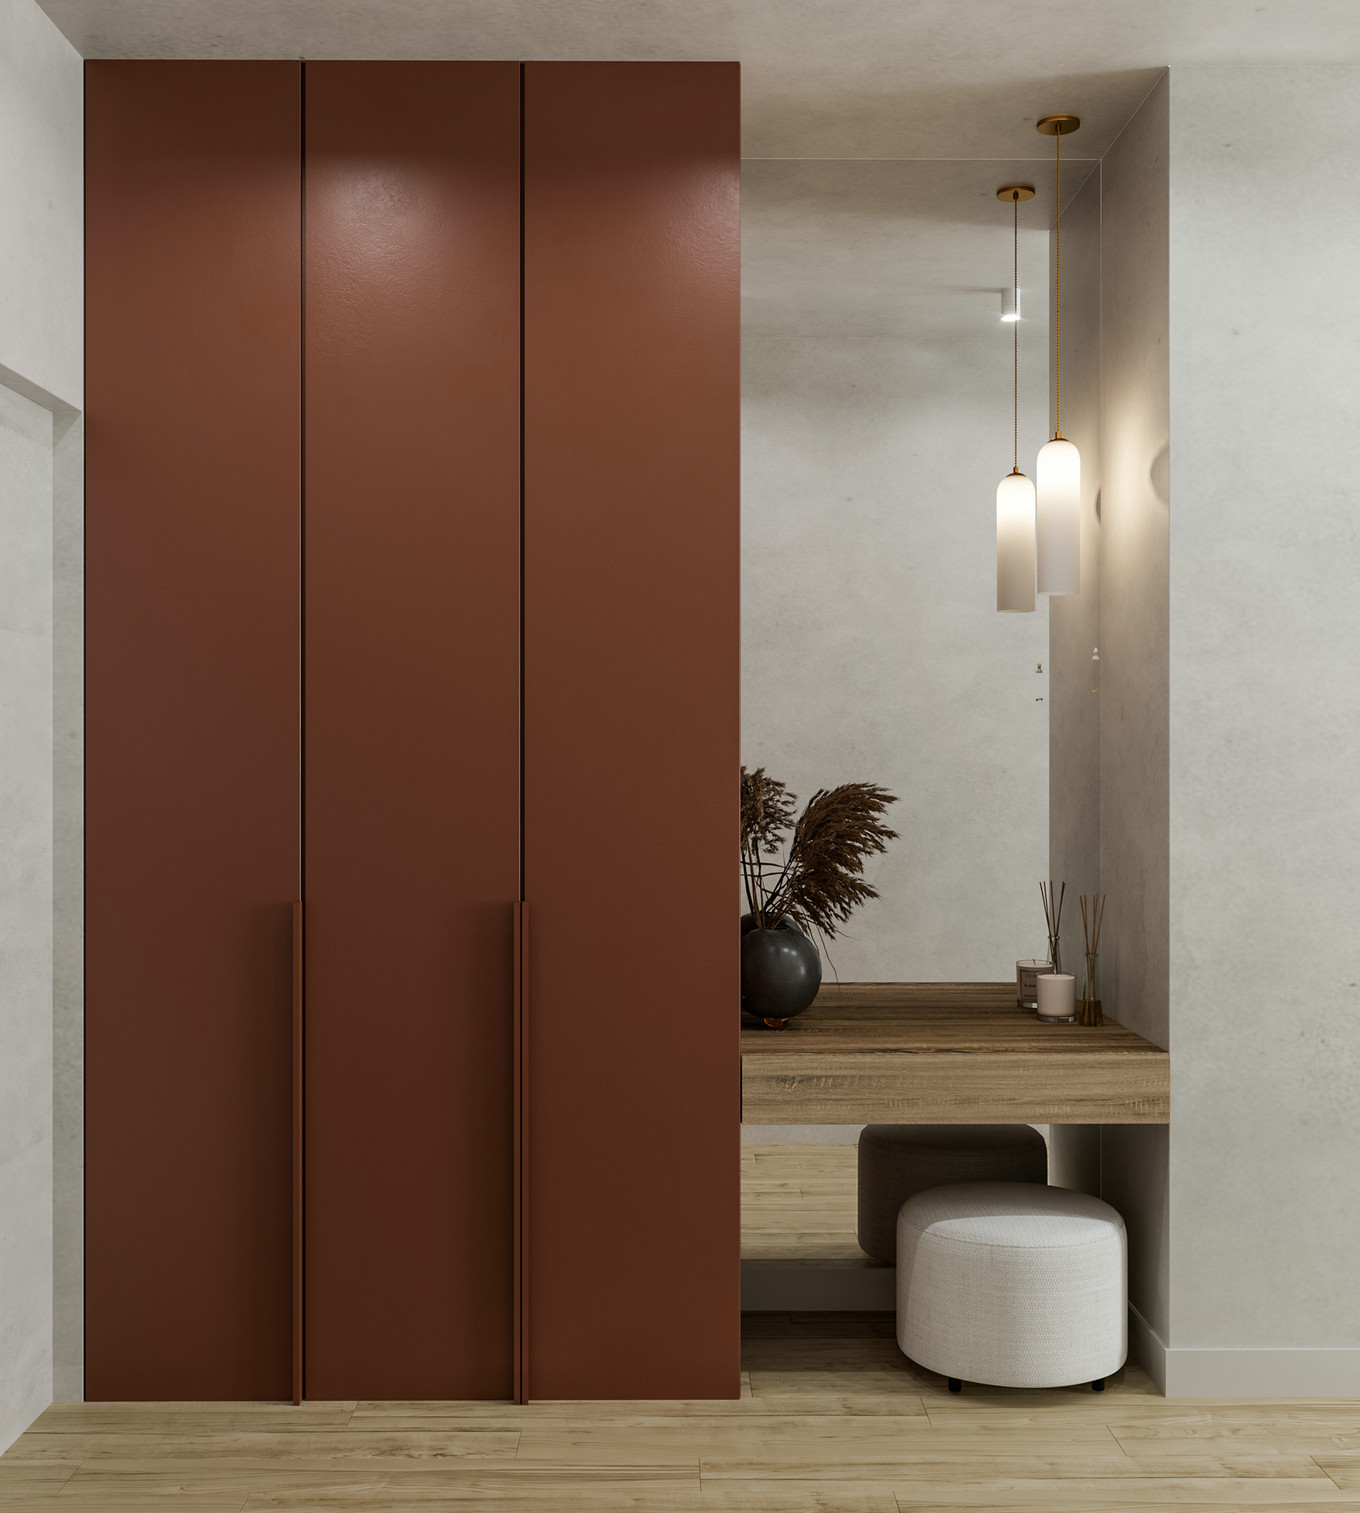 简单有质感的极简北欧风格公寓设计